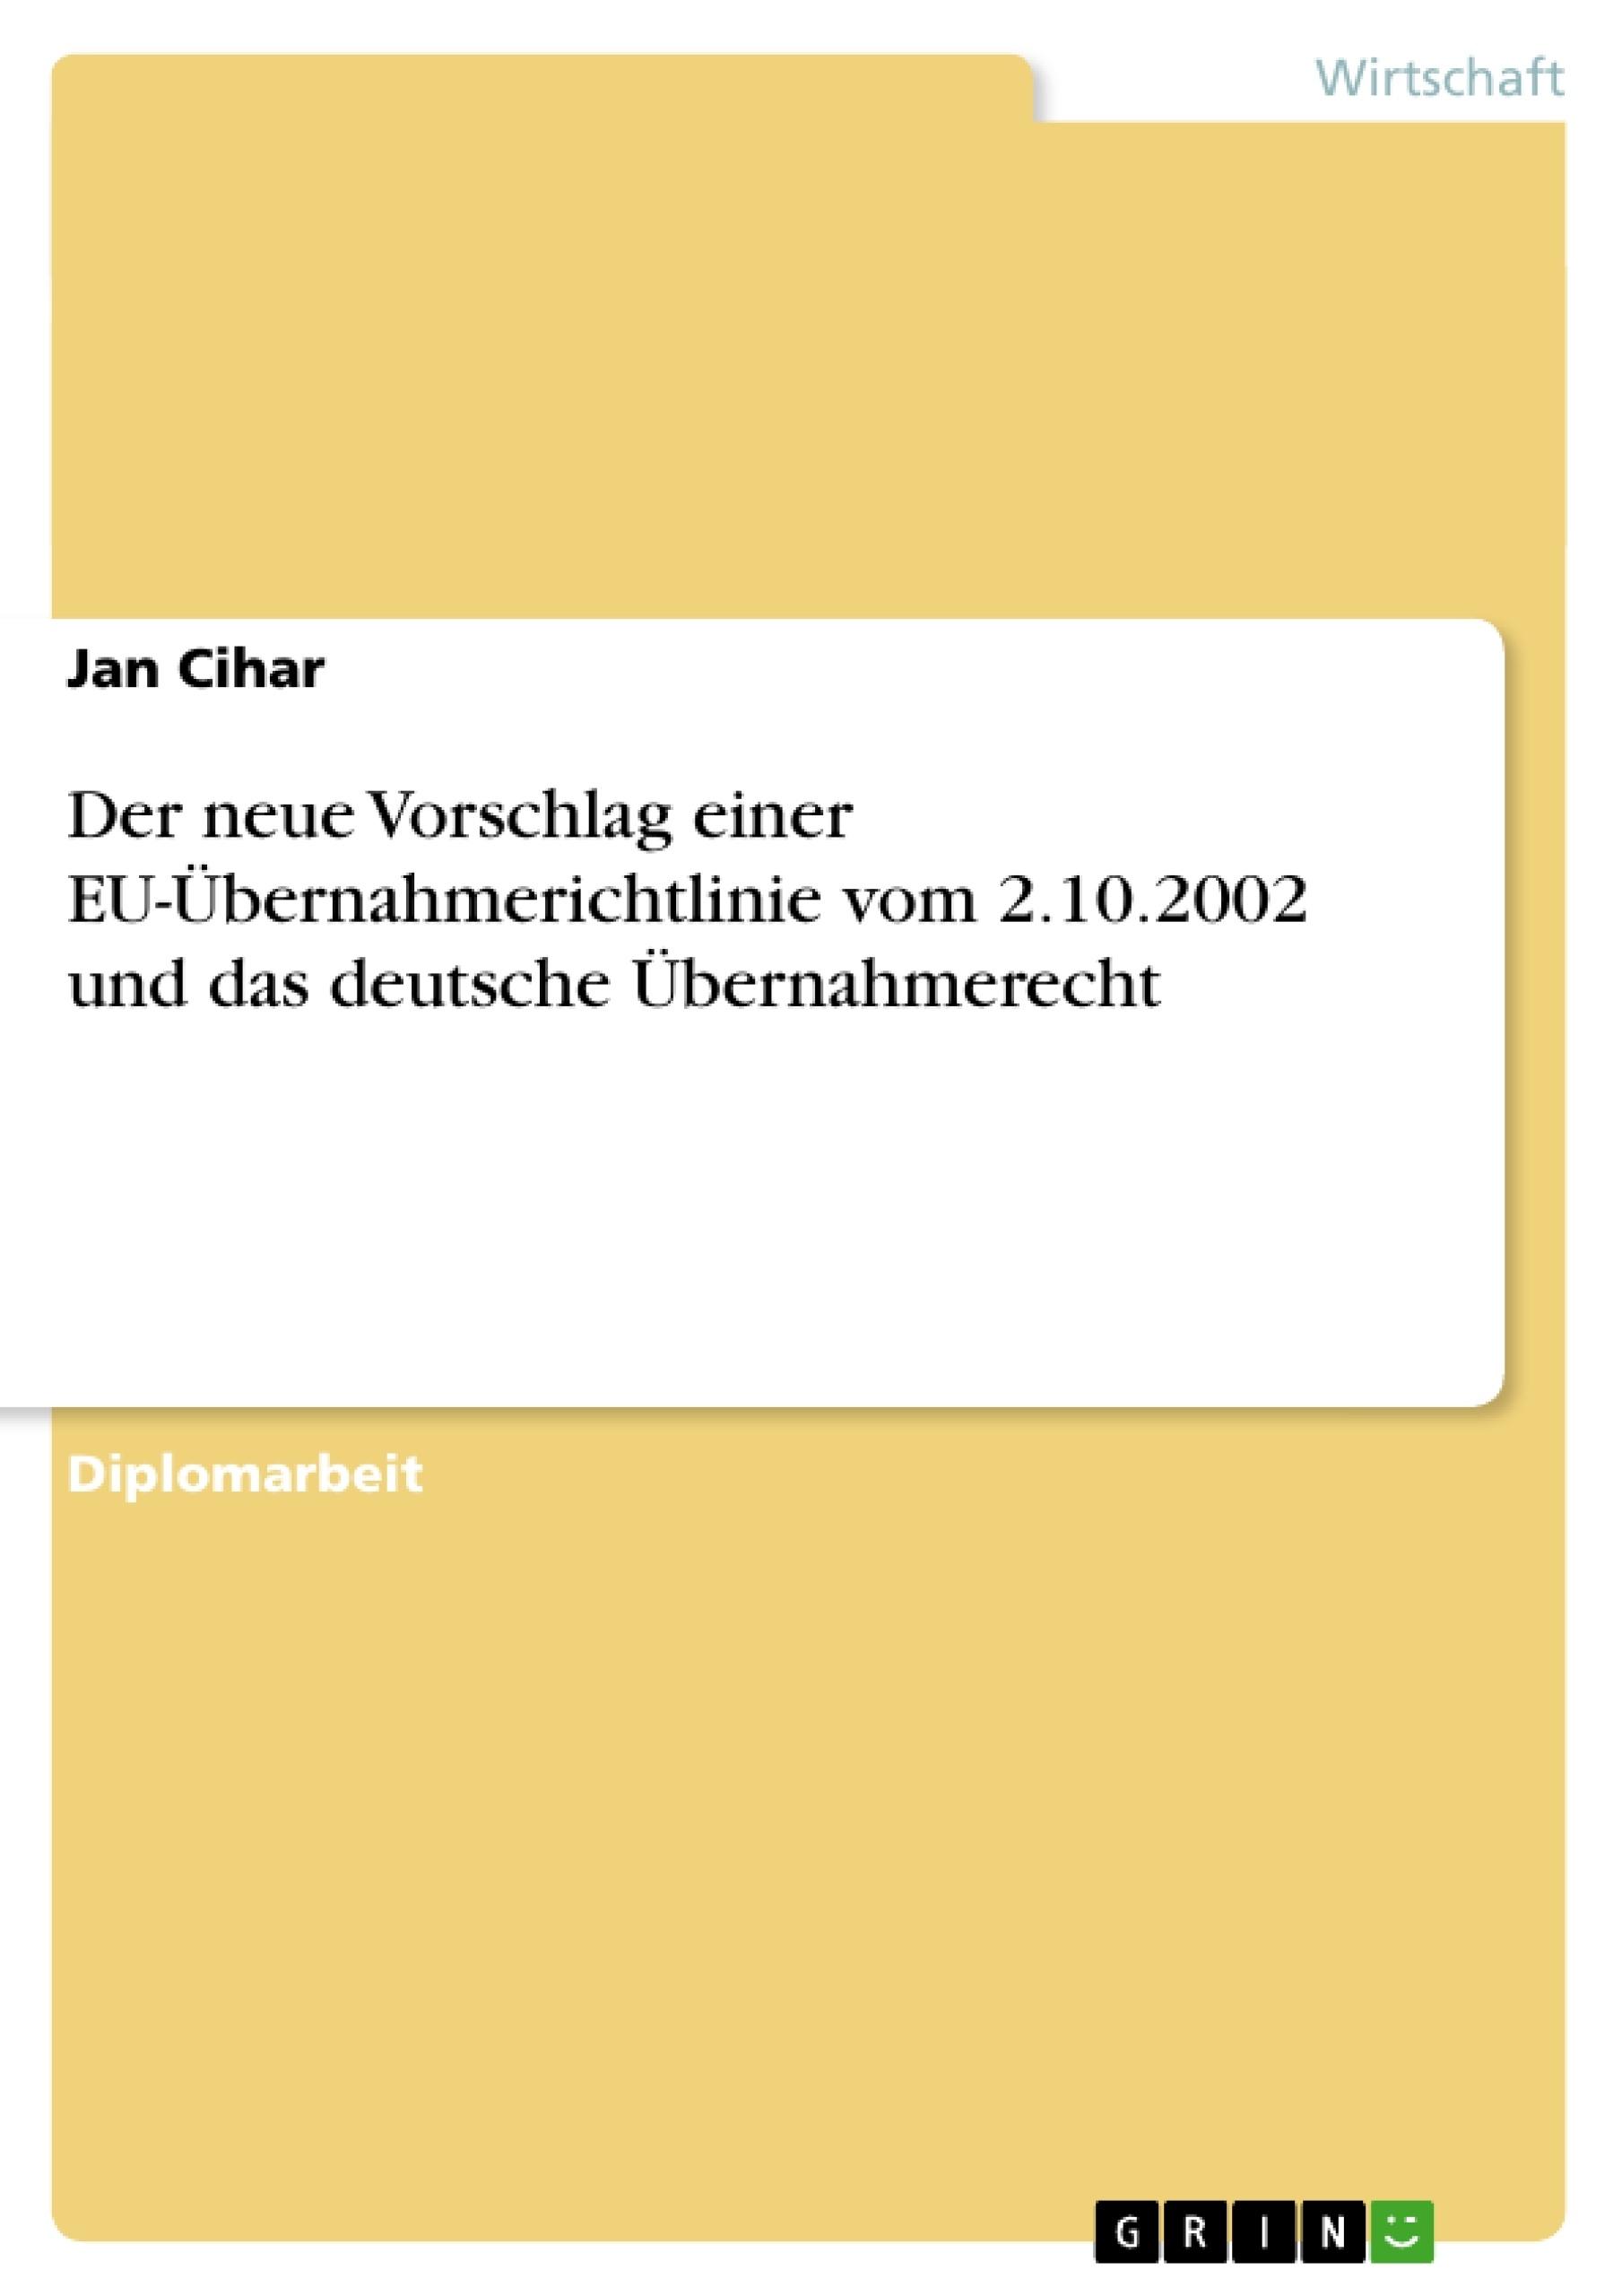 Titel: Der neue Vorschlag einer EU-Übernahmerichtlinie vom 2.10.2002 und das deutsche Übernahmerecht